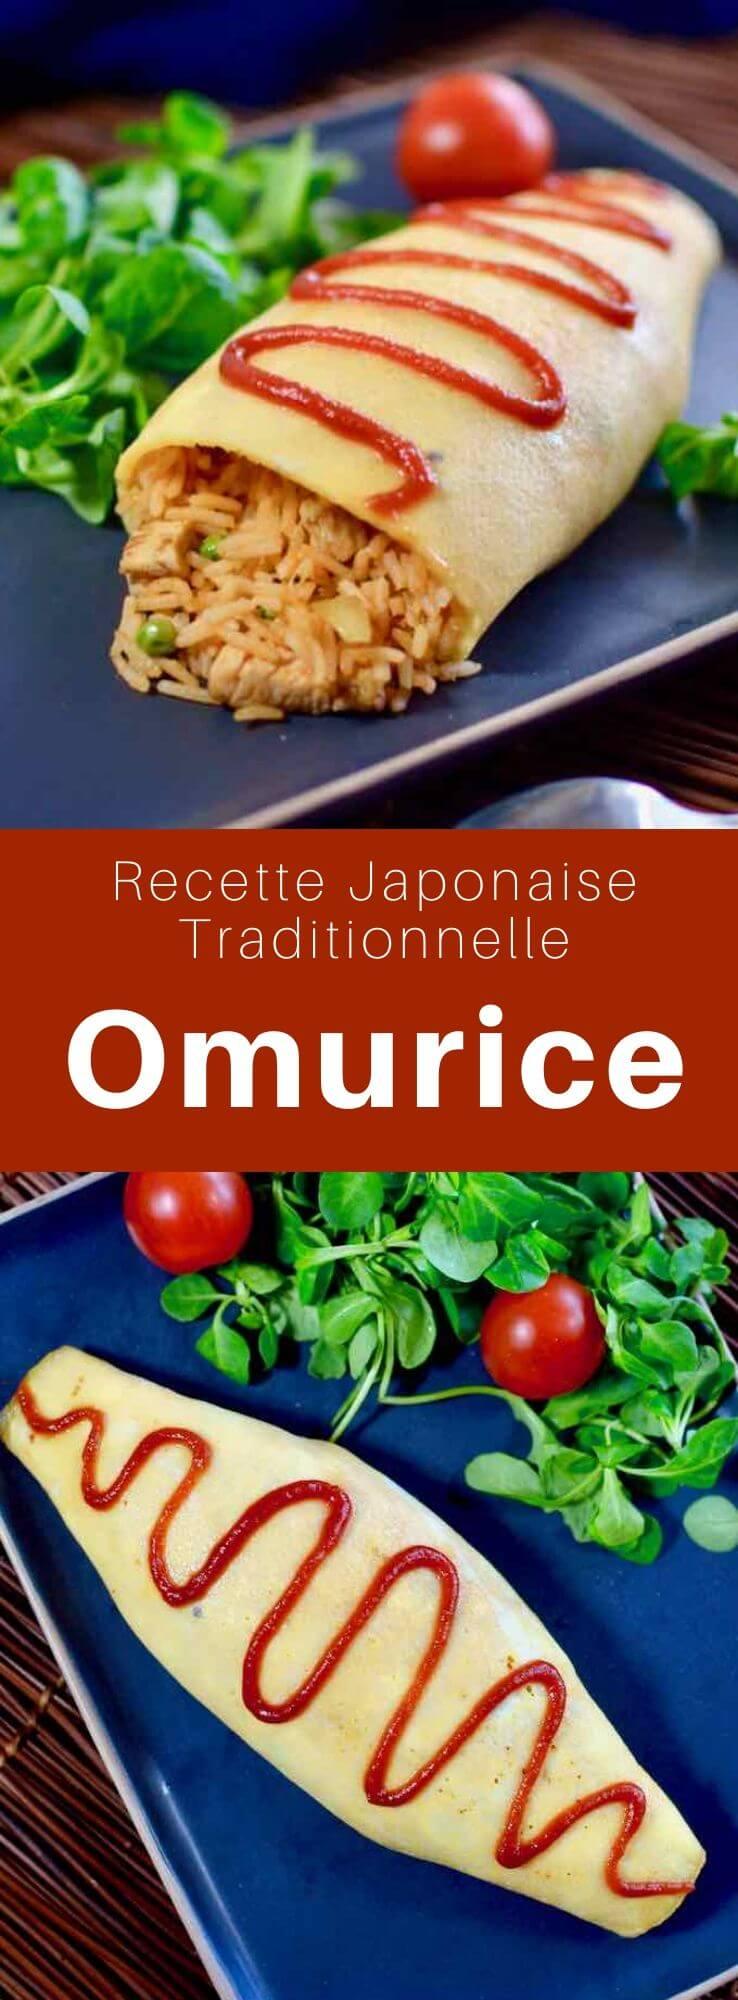 Omurice ou omu-rice (オムライス) est une recette japonaise classique appelée un yōshoku (plat occidental) : un riz frit au ketchup, au poulet, enveloppé dans une fine couche d'omelette. #Japon #CuisineJaponaise #RecetteJaponaise #CuisineDuMonde #196flavors